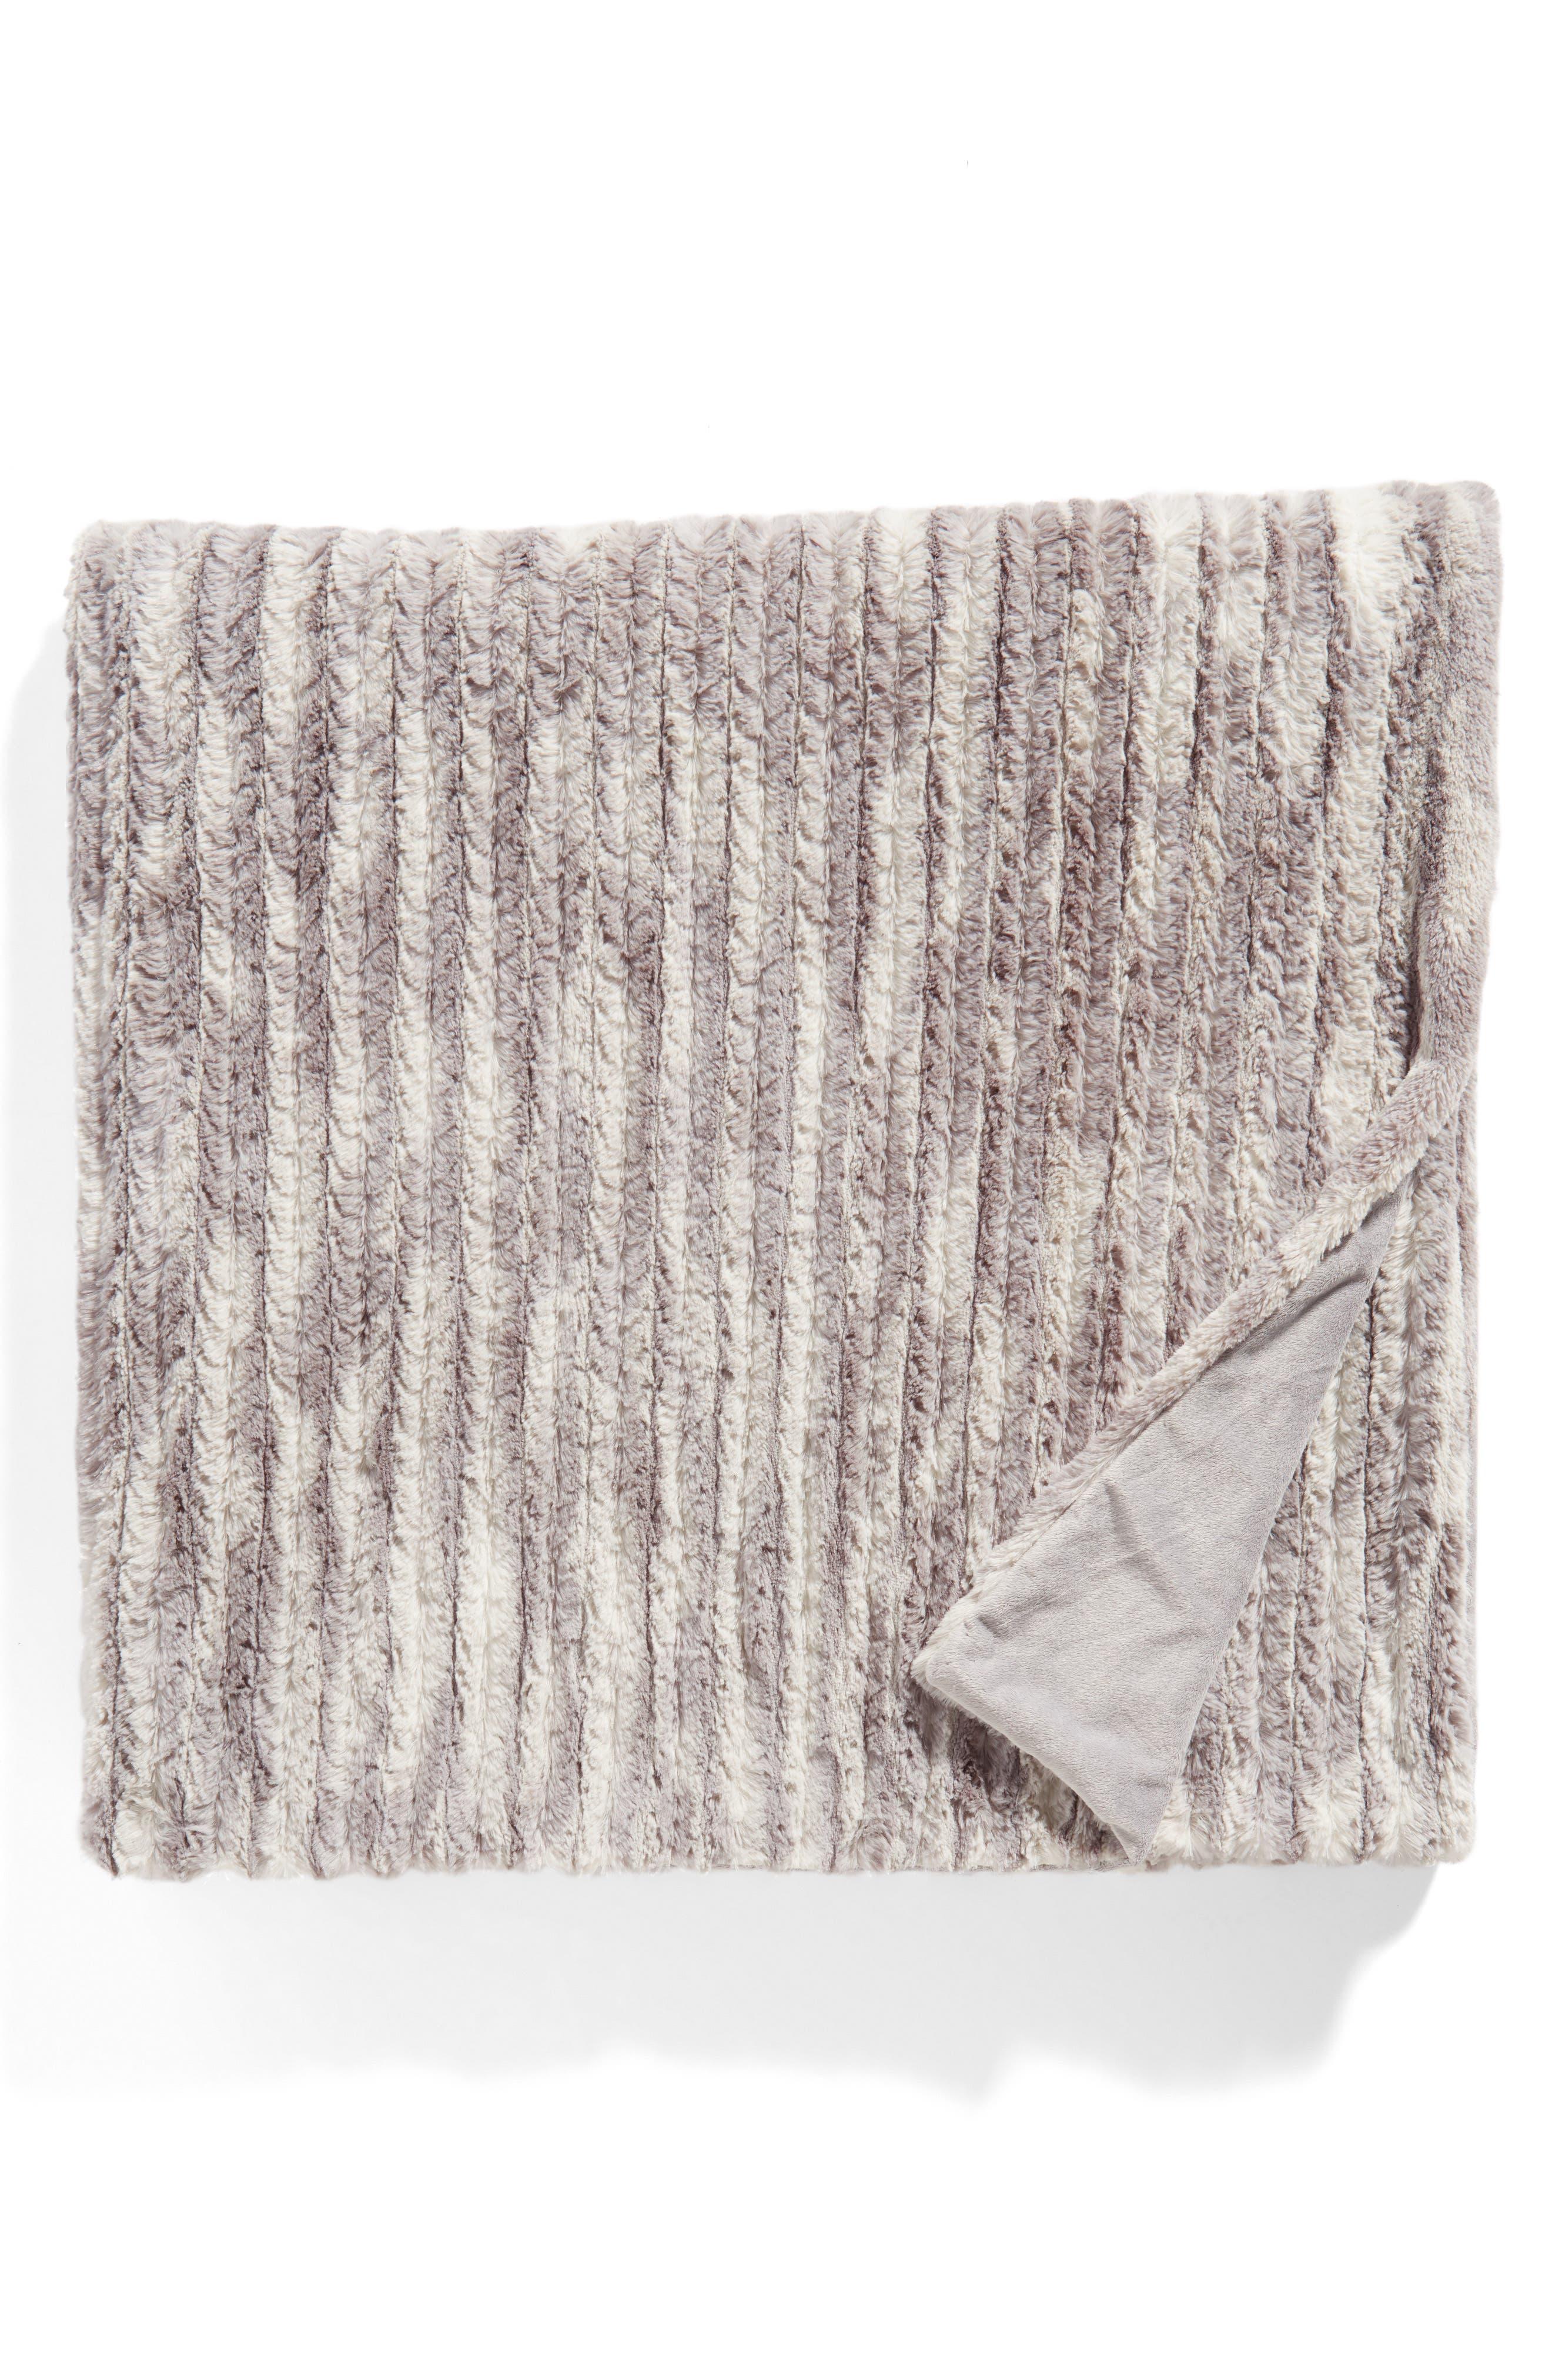 Nordstrom Cozy Plush Faux Fur Blanket,                         Main,                         color, 021